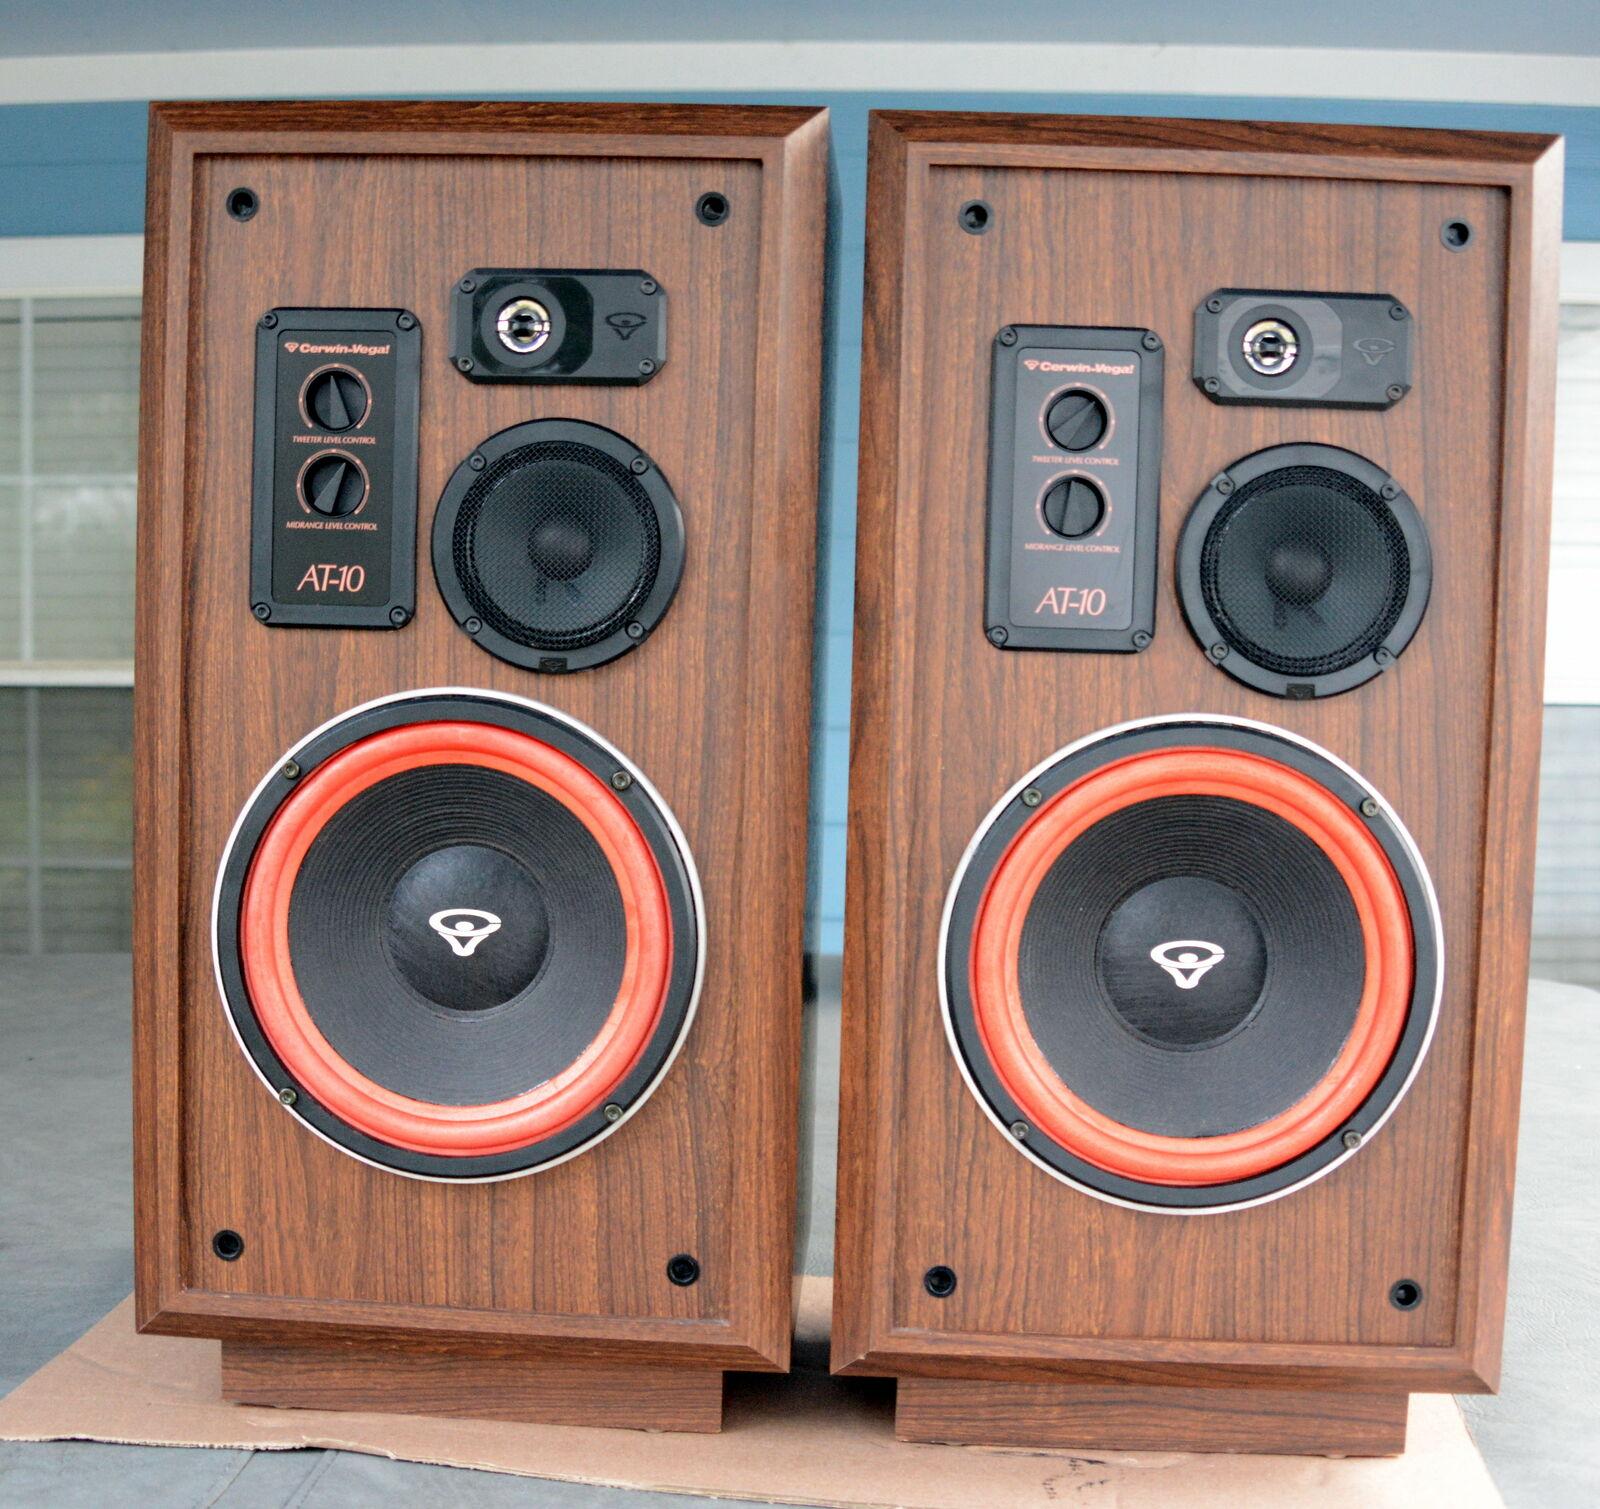 Cerwin Vega AT-10 speakers. Floor standing 3 way models